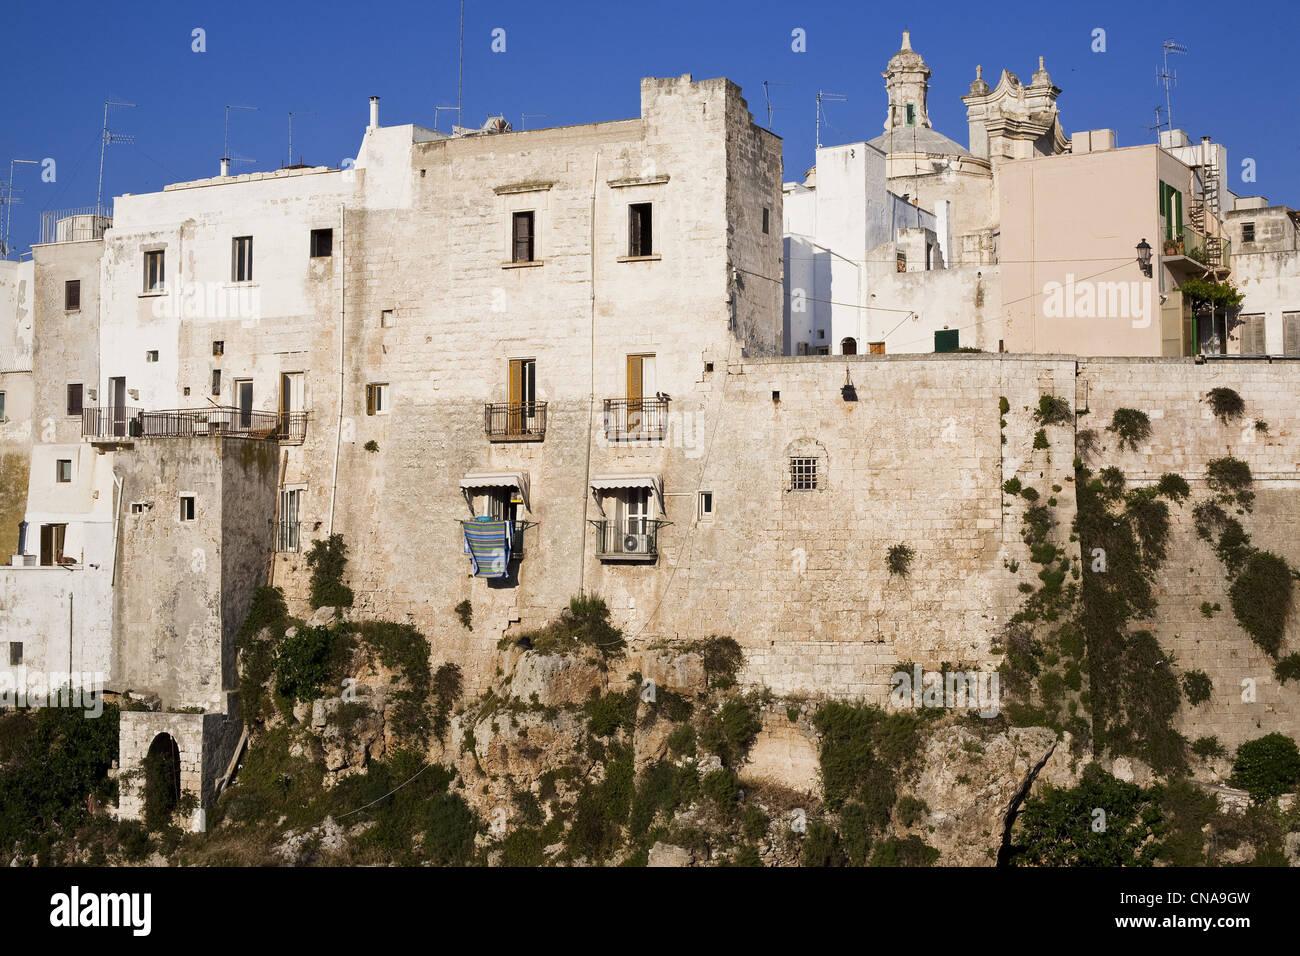 Italia Puglia Provincia di Bari, Polignano a Mare, villaggio costruito su una scogliera Immagini Stock